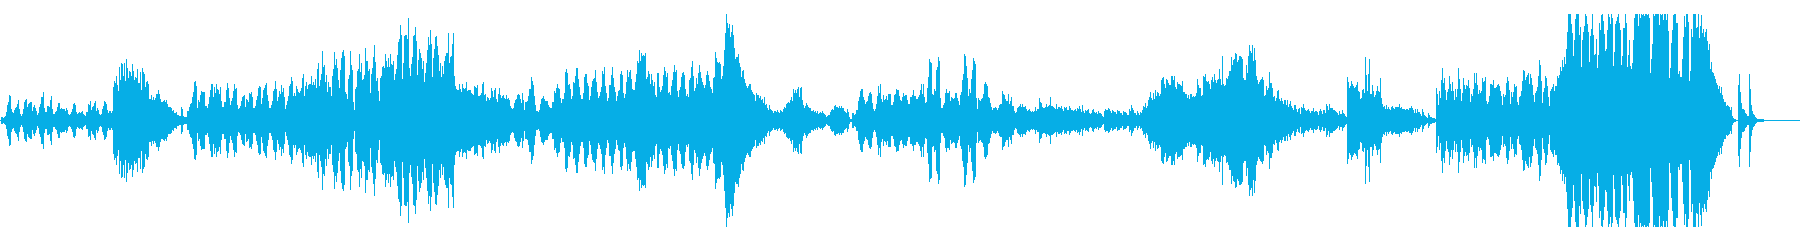 ドビュッシー 世俗的な舞曲 ハープと弦の再生済みの波形